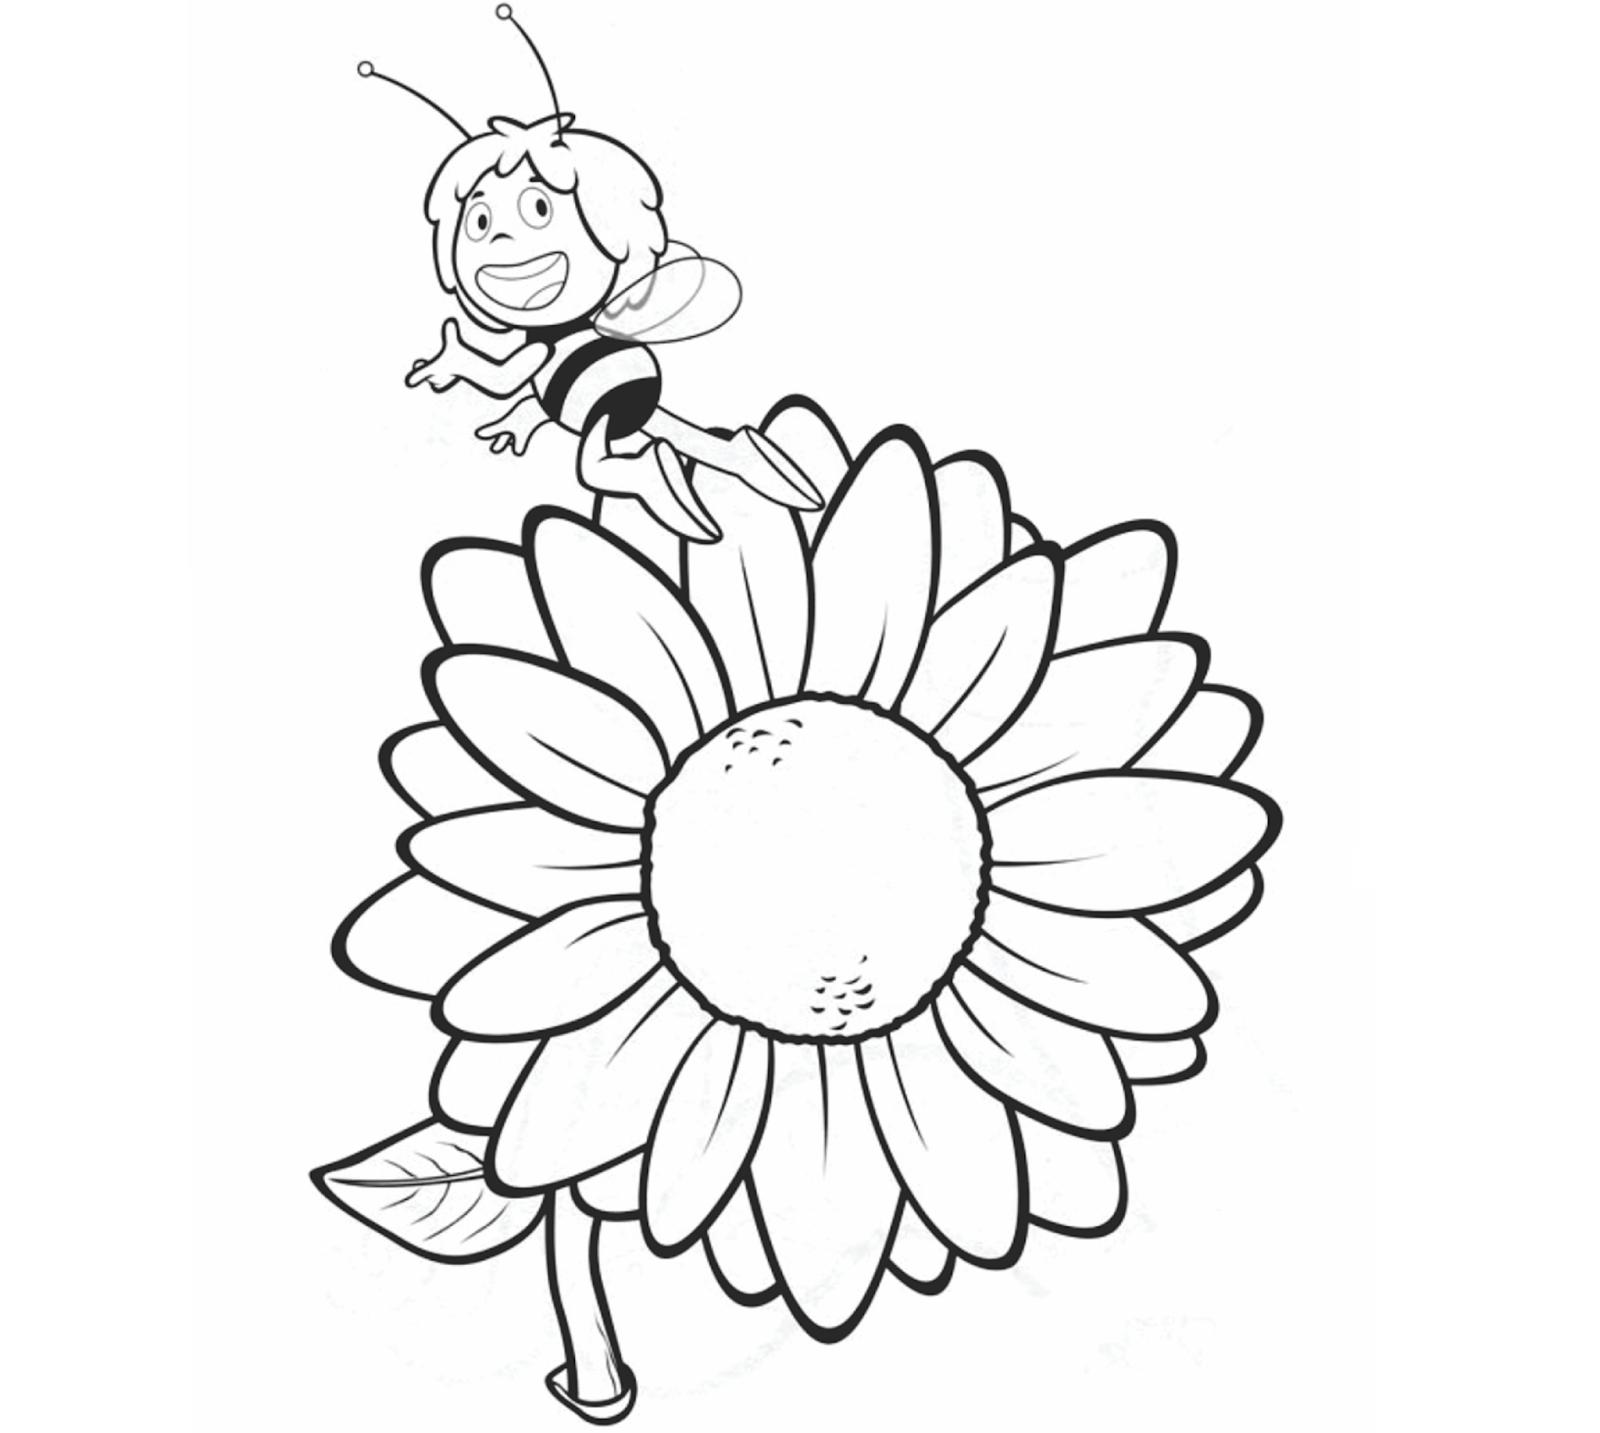 Maya the Bee Coloring Drawing Free wallpaper